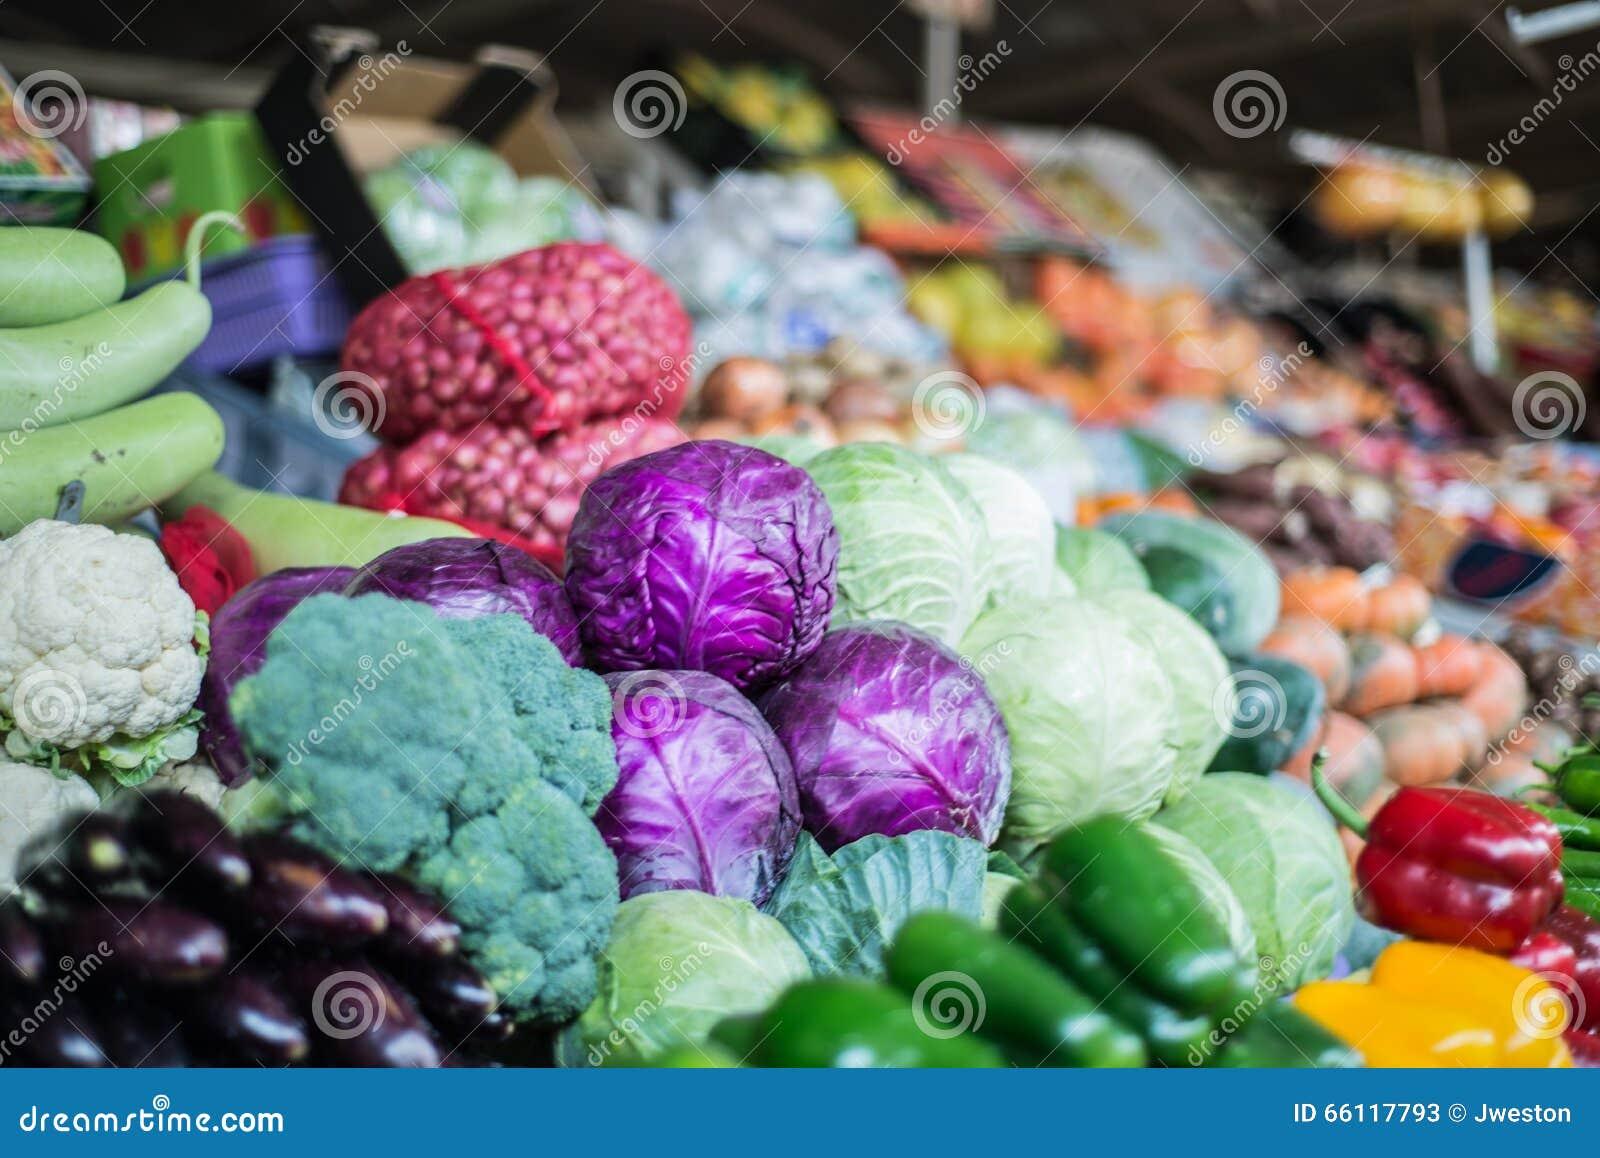 Fresh Vegetables at Dubai Fruit and Veg market.